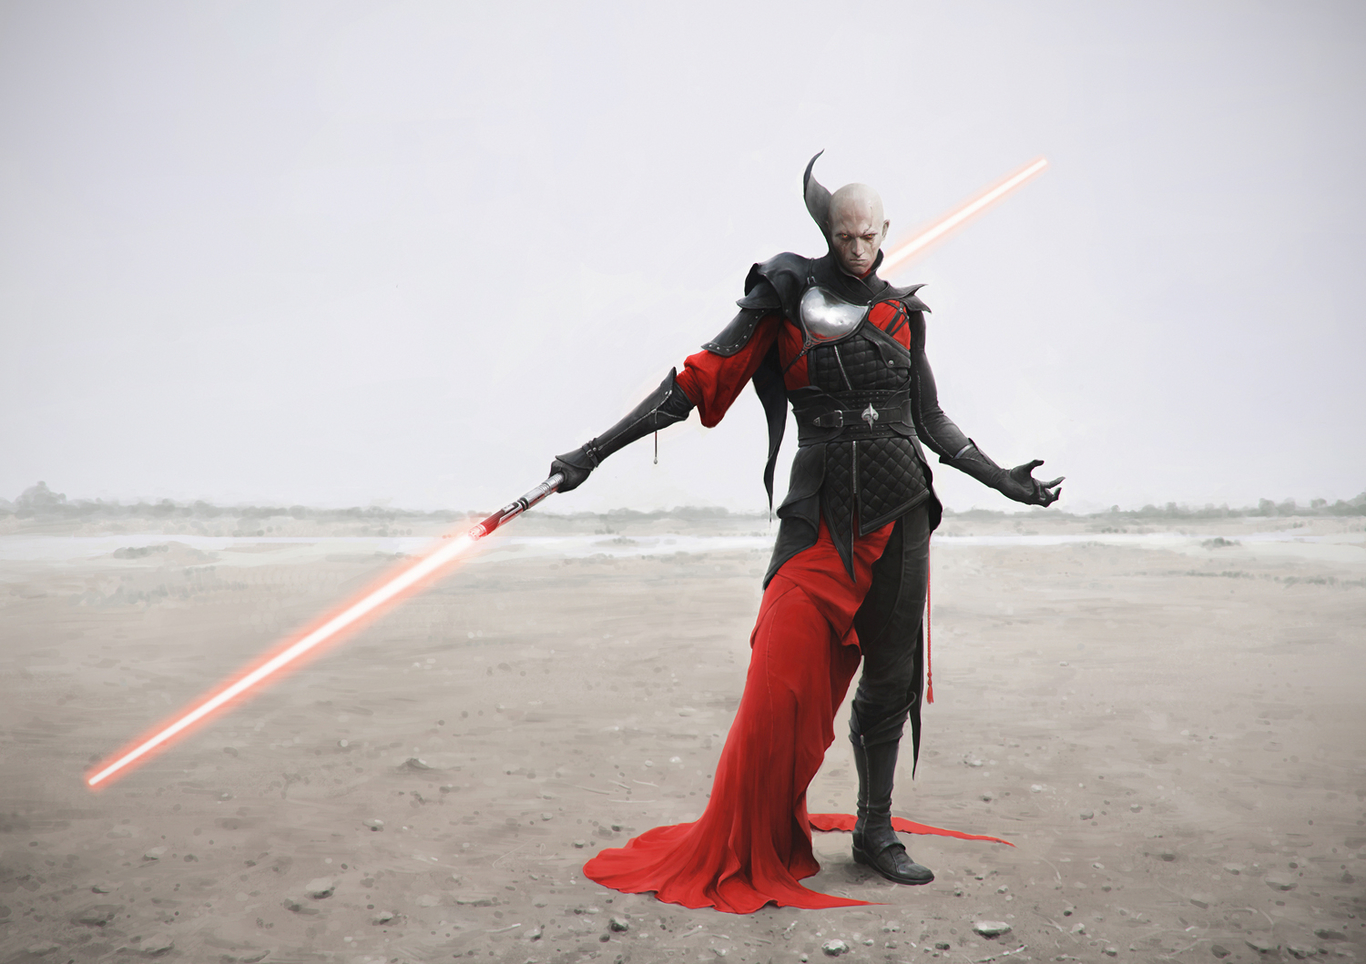 Facezero dark force be with y 1 14833de8 ww4v